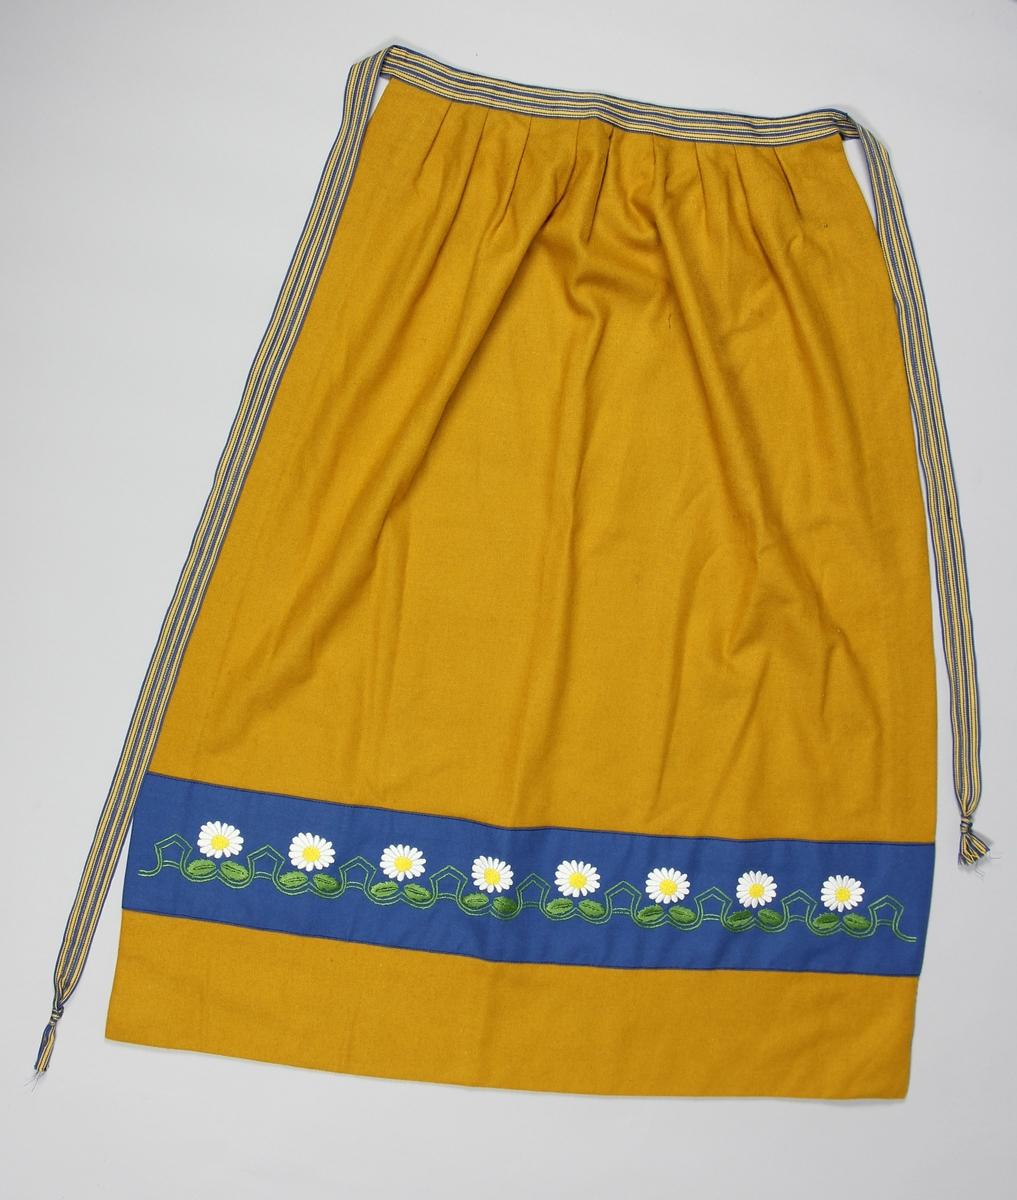 Förkläde till Sverigedräkten av gul tuskaftsvävt ylle. Veckat mot knytband ihopsytt av tre vävda blågula bomullsband. 10 cm upp från förklädets nedre fåll sitter en bård av blå ylle, 11 cm bred. Bården är broderad med vita prästkragar och en girlang av gröna slingor och blad.